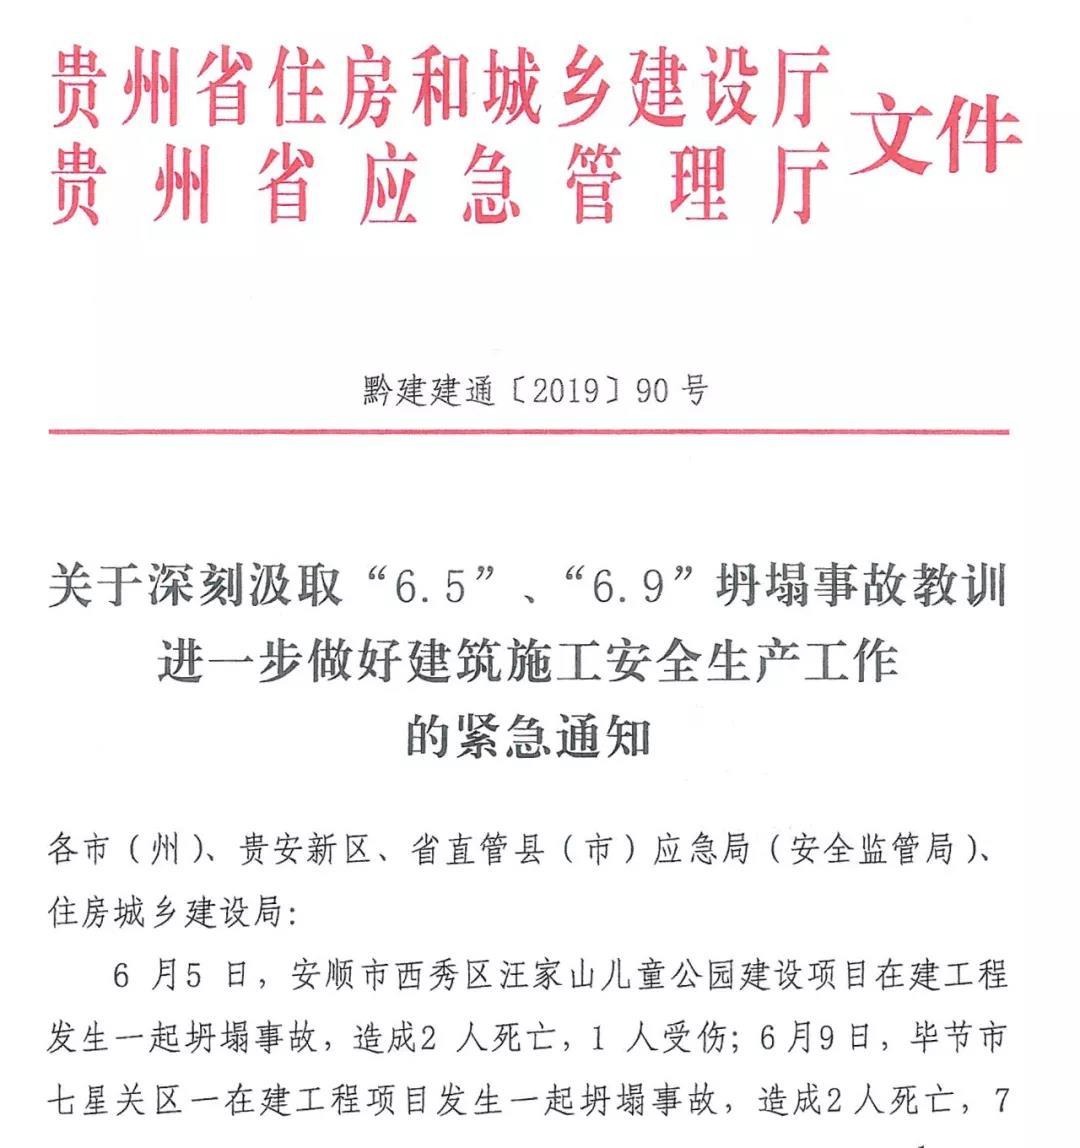 贵州省五天内两起坍塌事故致四死八伤,全省开展隐患大排查